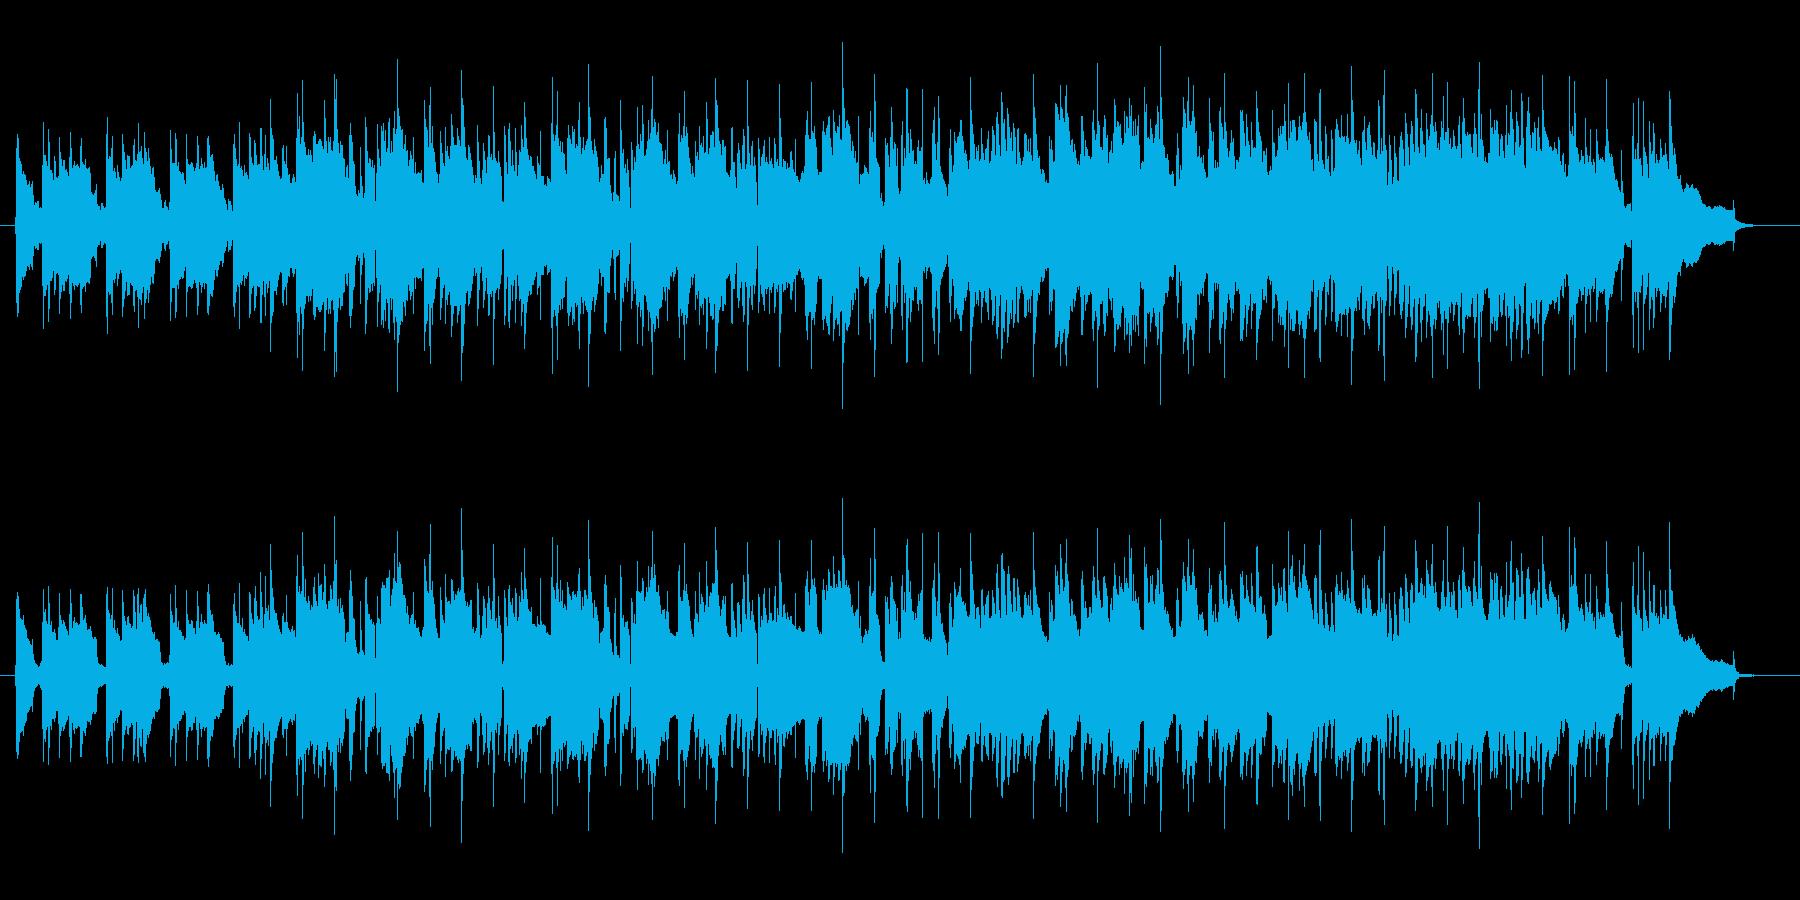 レトロなスローロックでサックスの曲の再生済みの波形